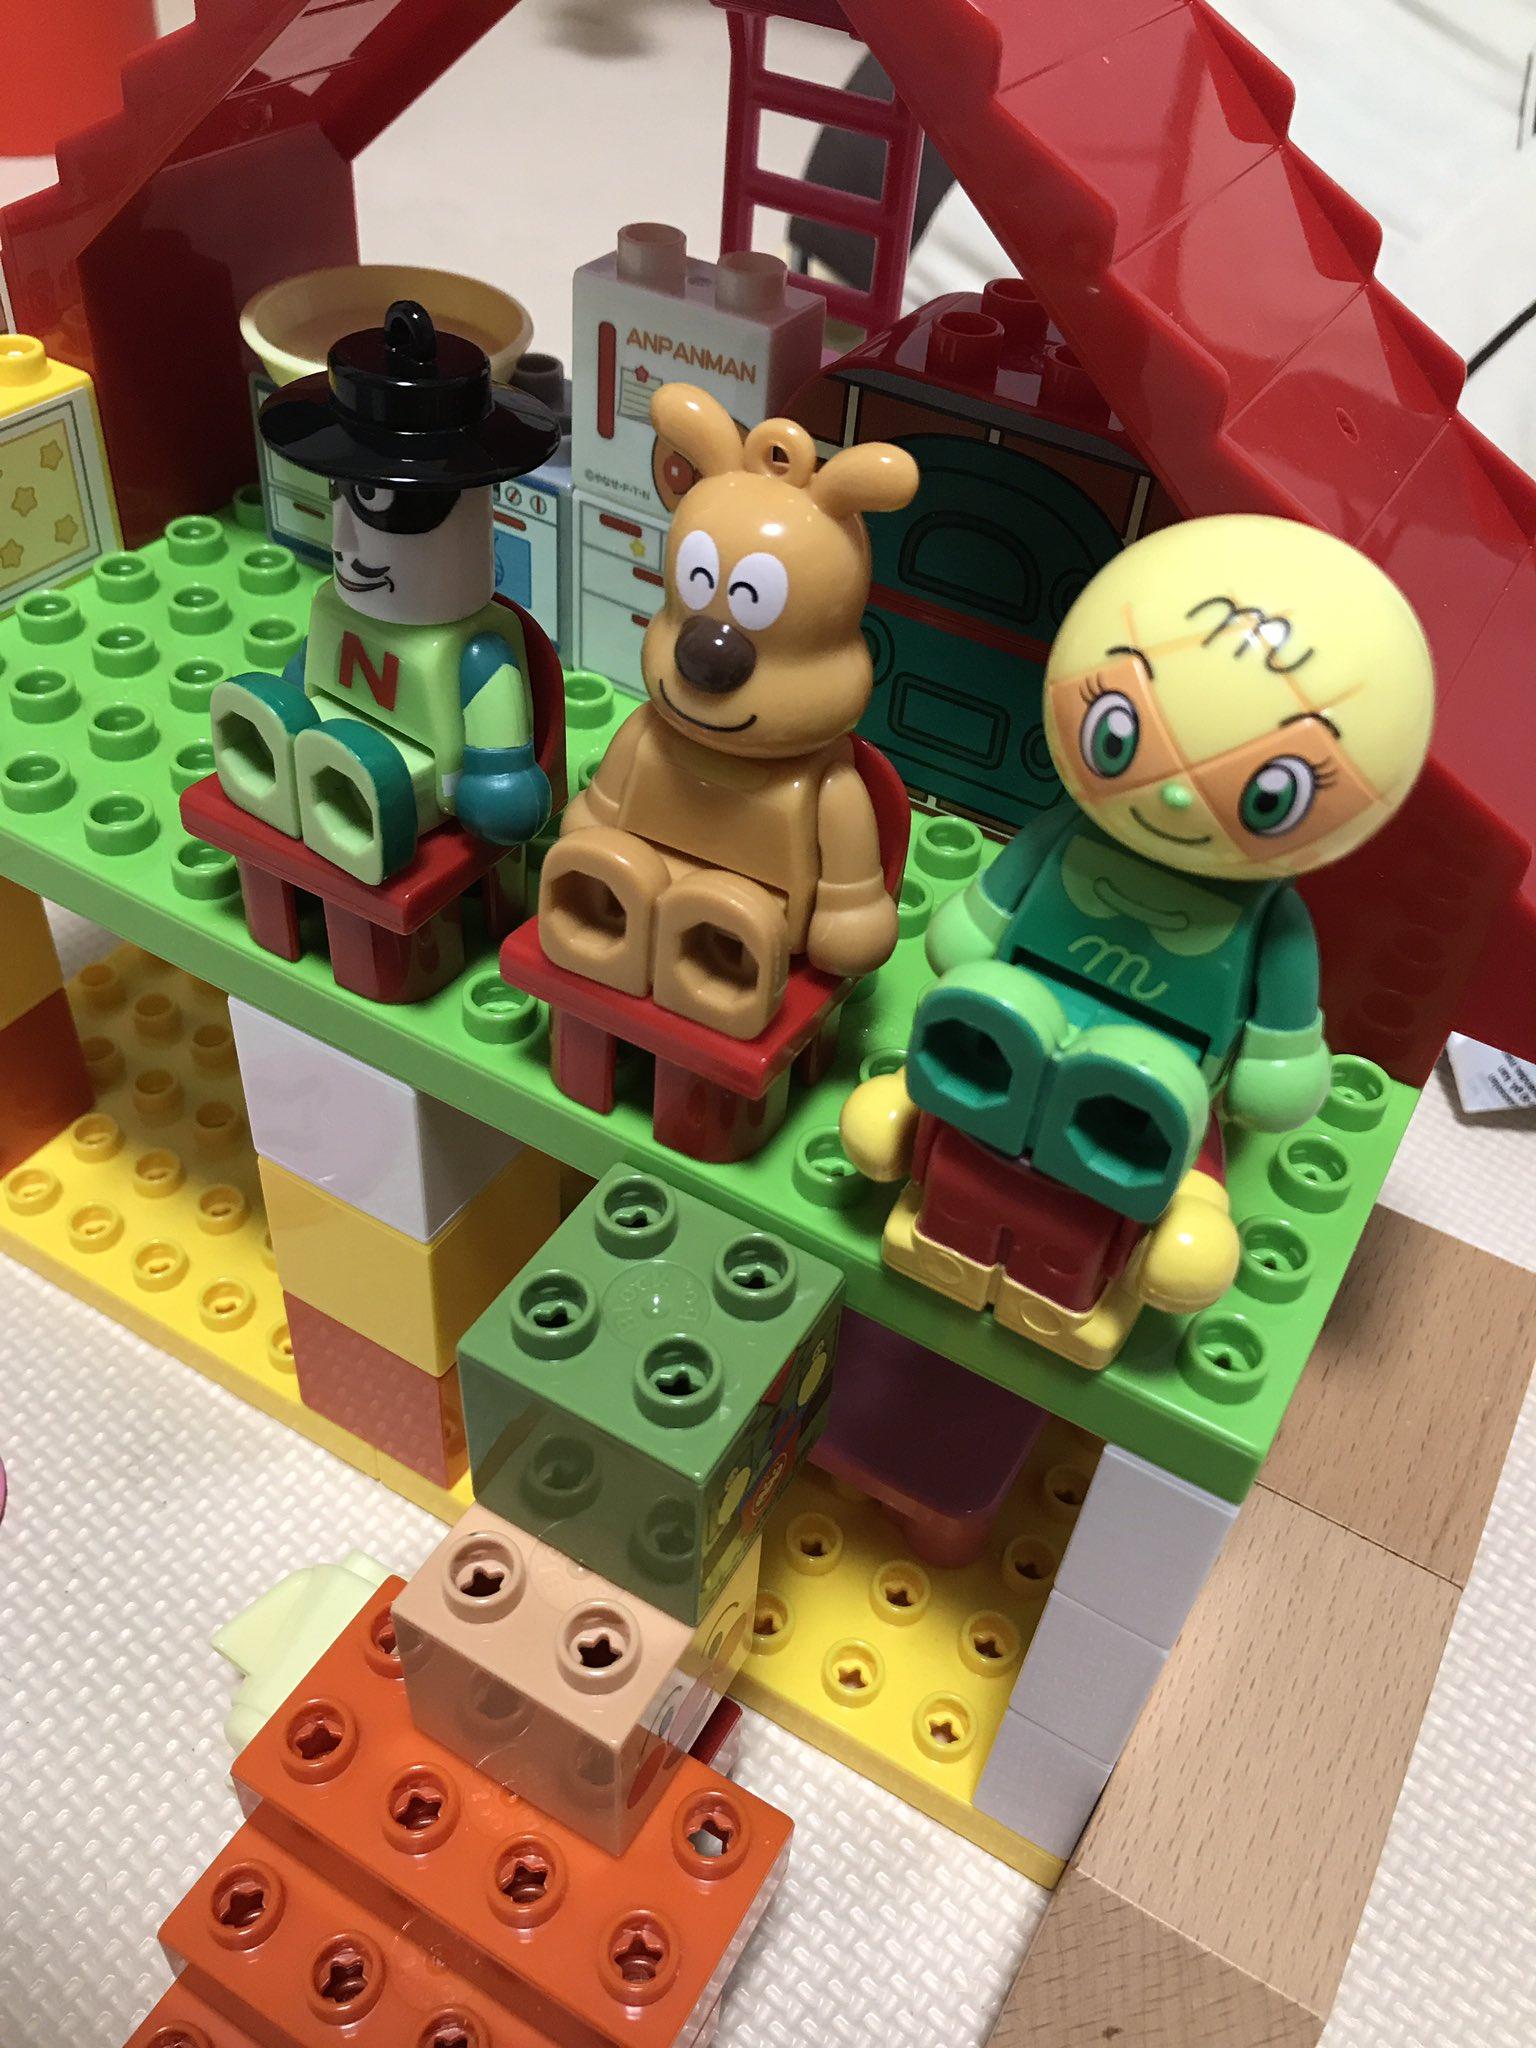 子ども(3歳)が遊んでるアンパンマンブロックをよく見たら椅子がひとつ無慈悲すぎ